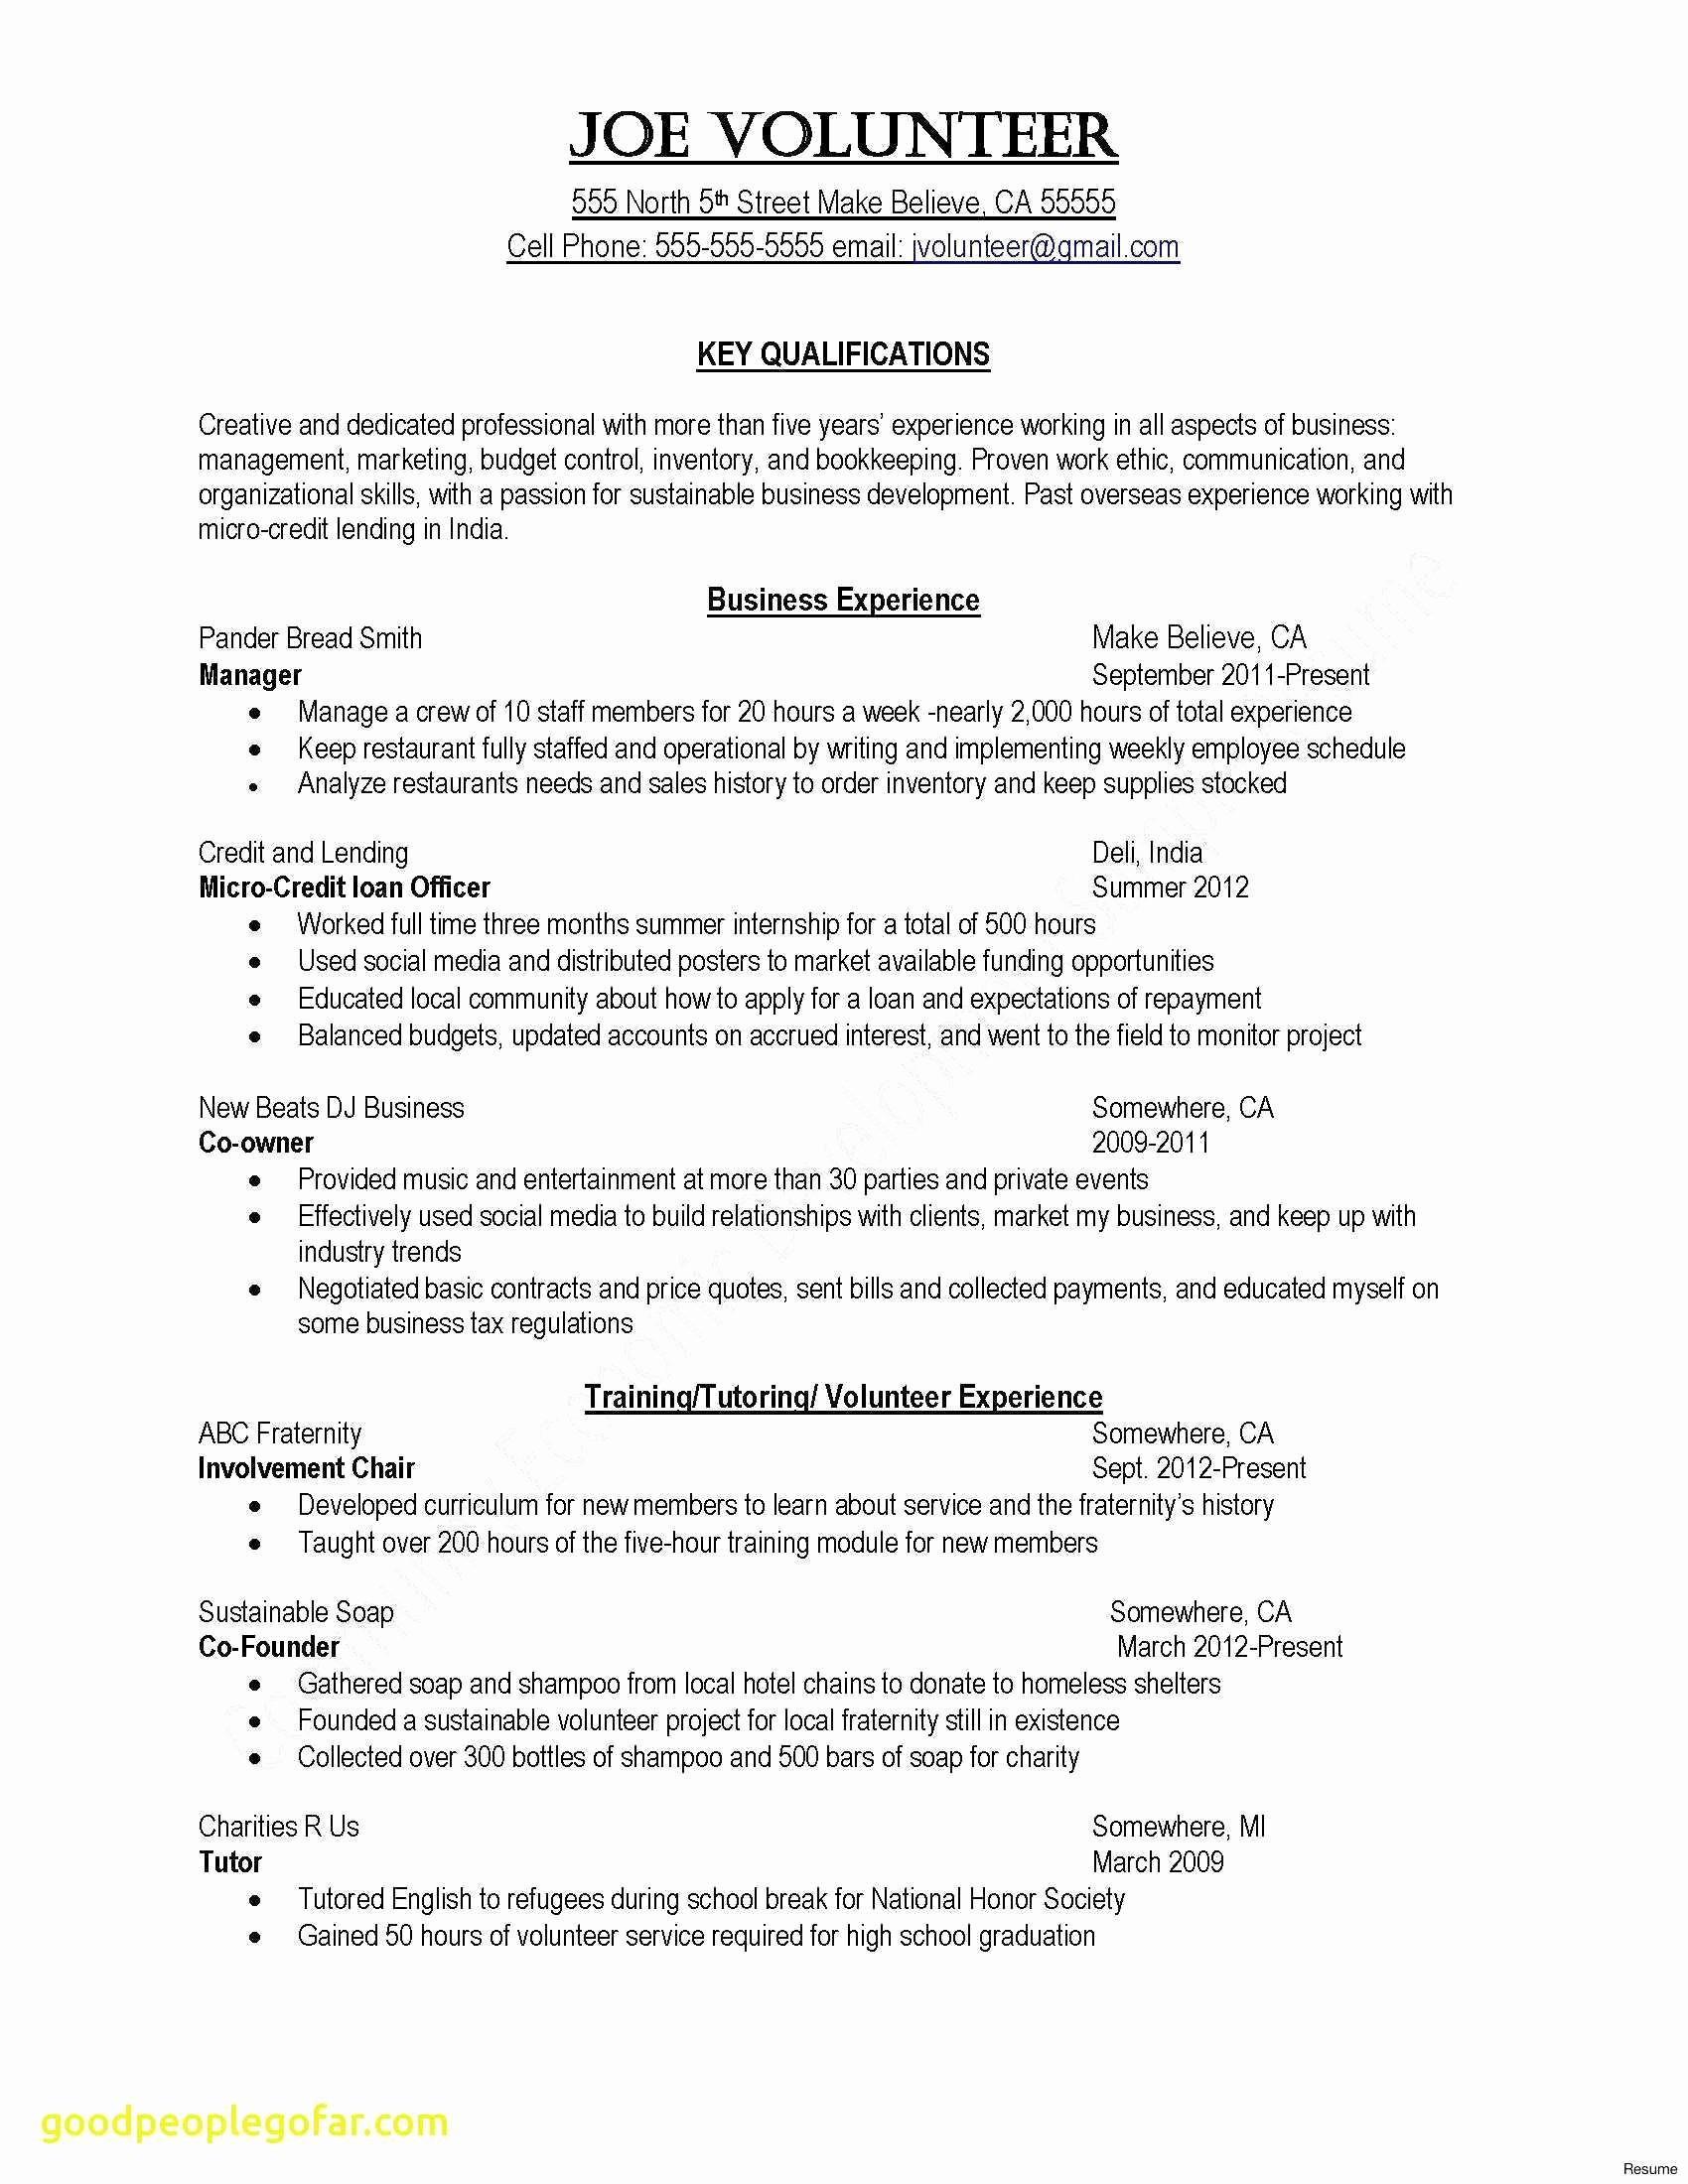 Online Letter Template - Unique Letter Introduction Template